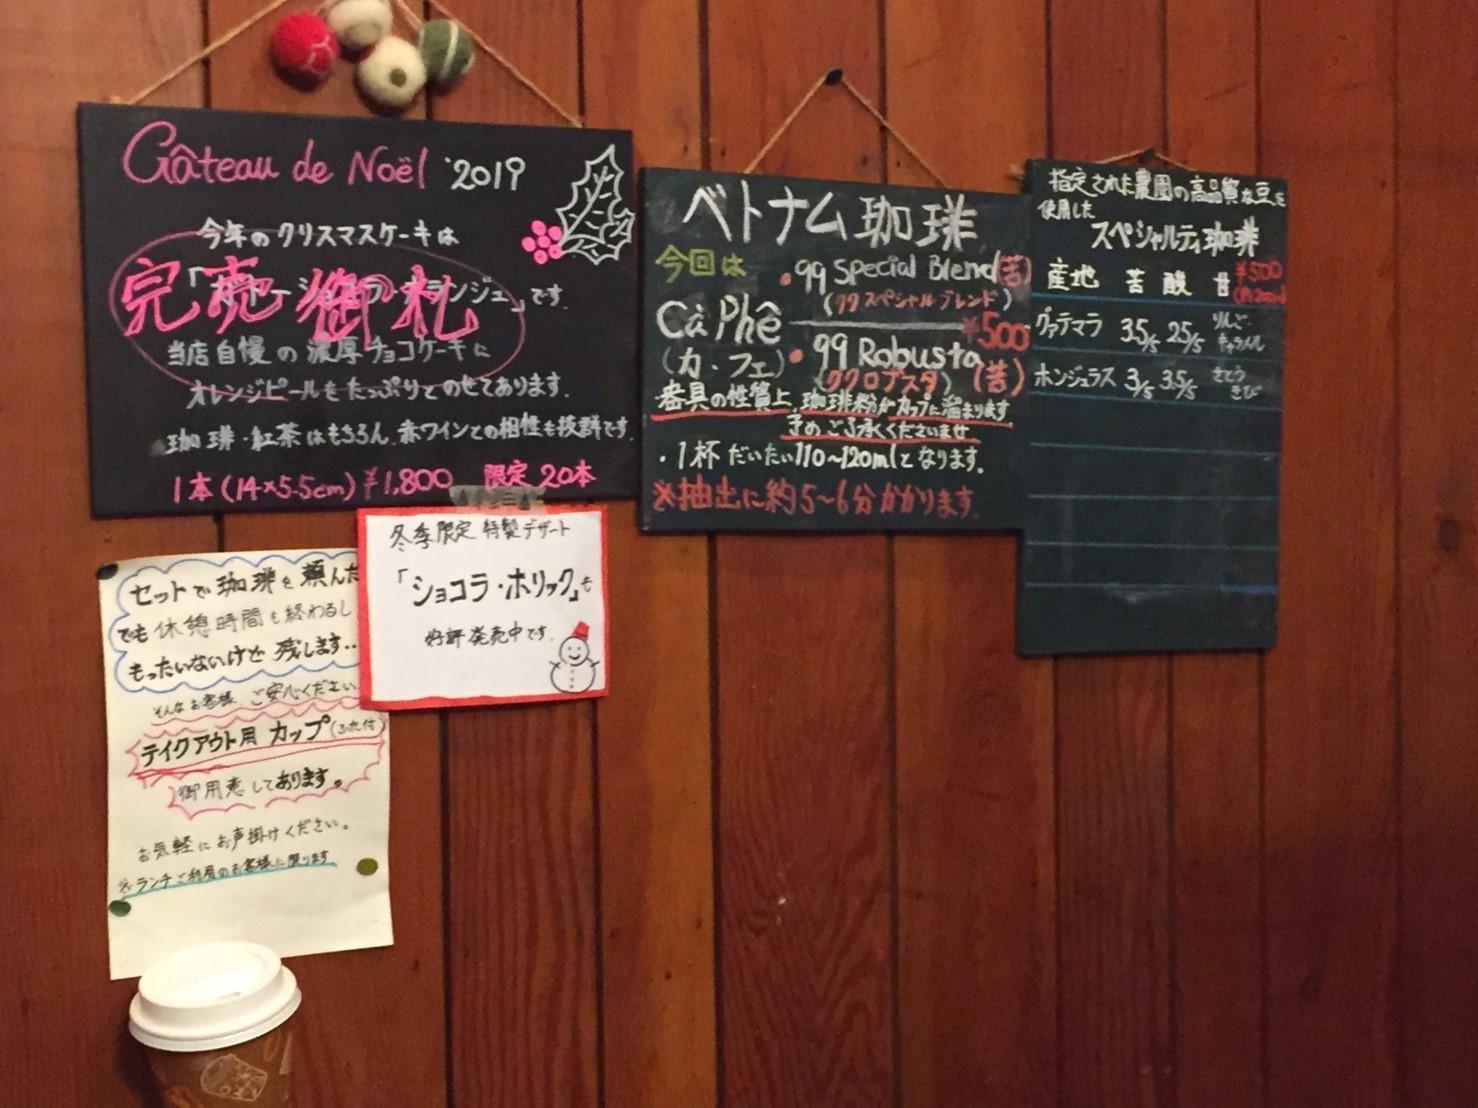 喫茶 1er ぷるみえ (4食限定 豚皿飯)_e0115904_18200749.jpg